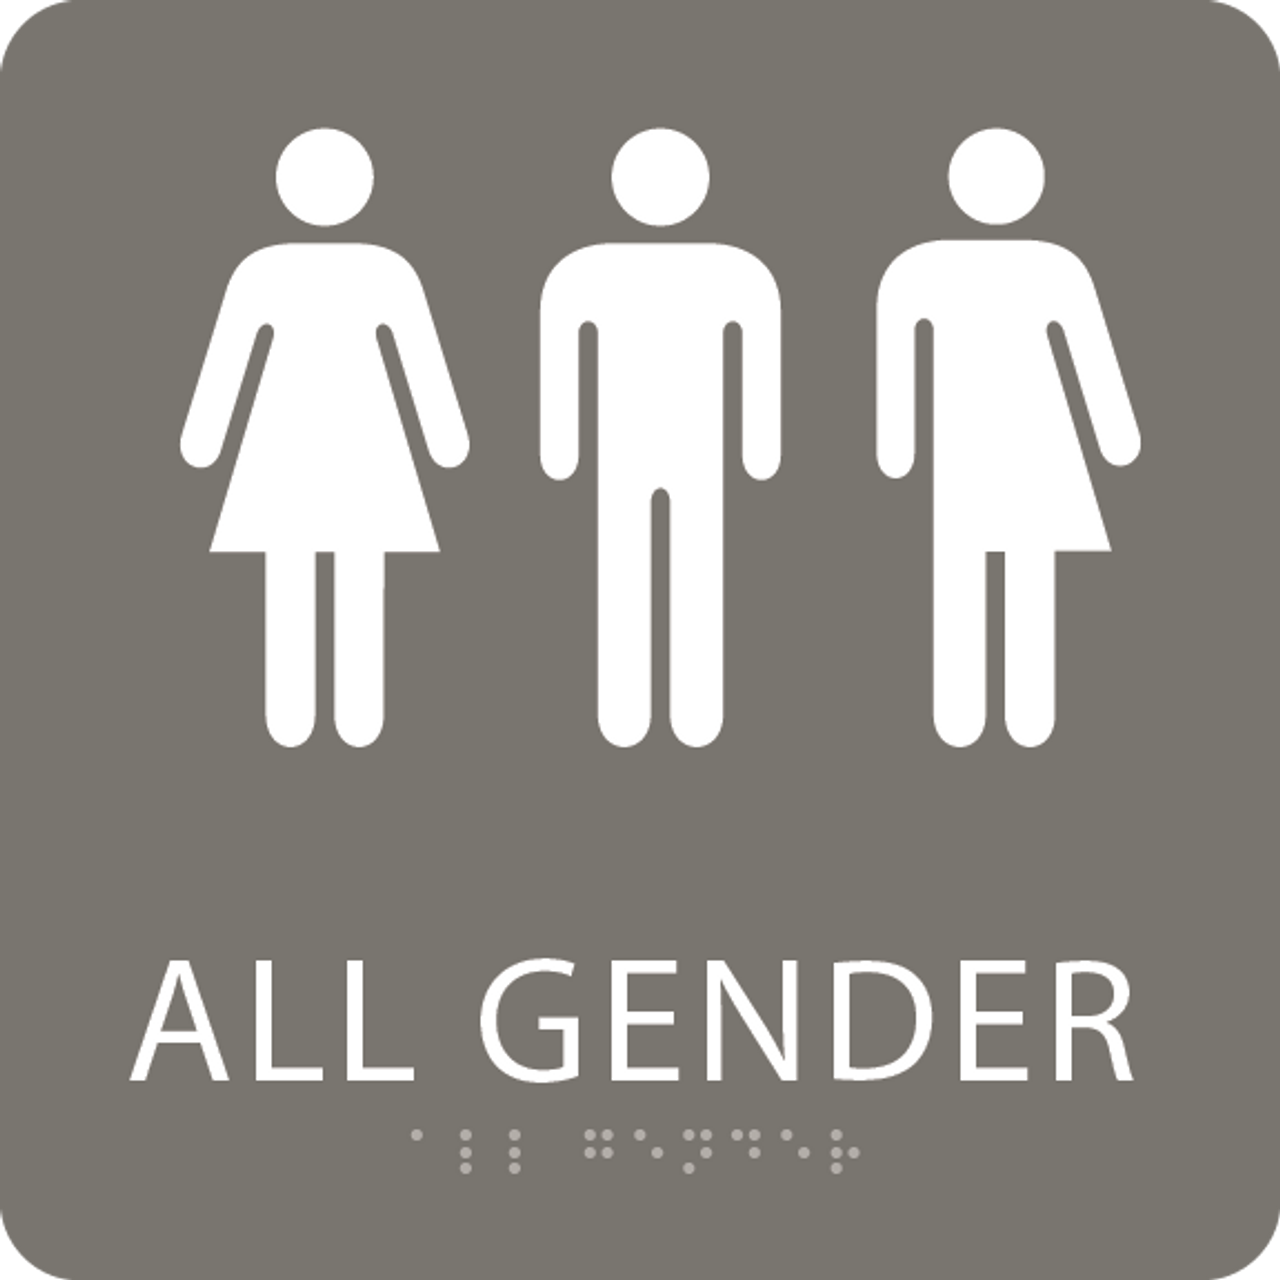 Charcoal All Gender Restroom Sign